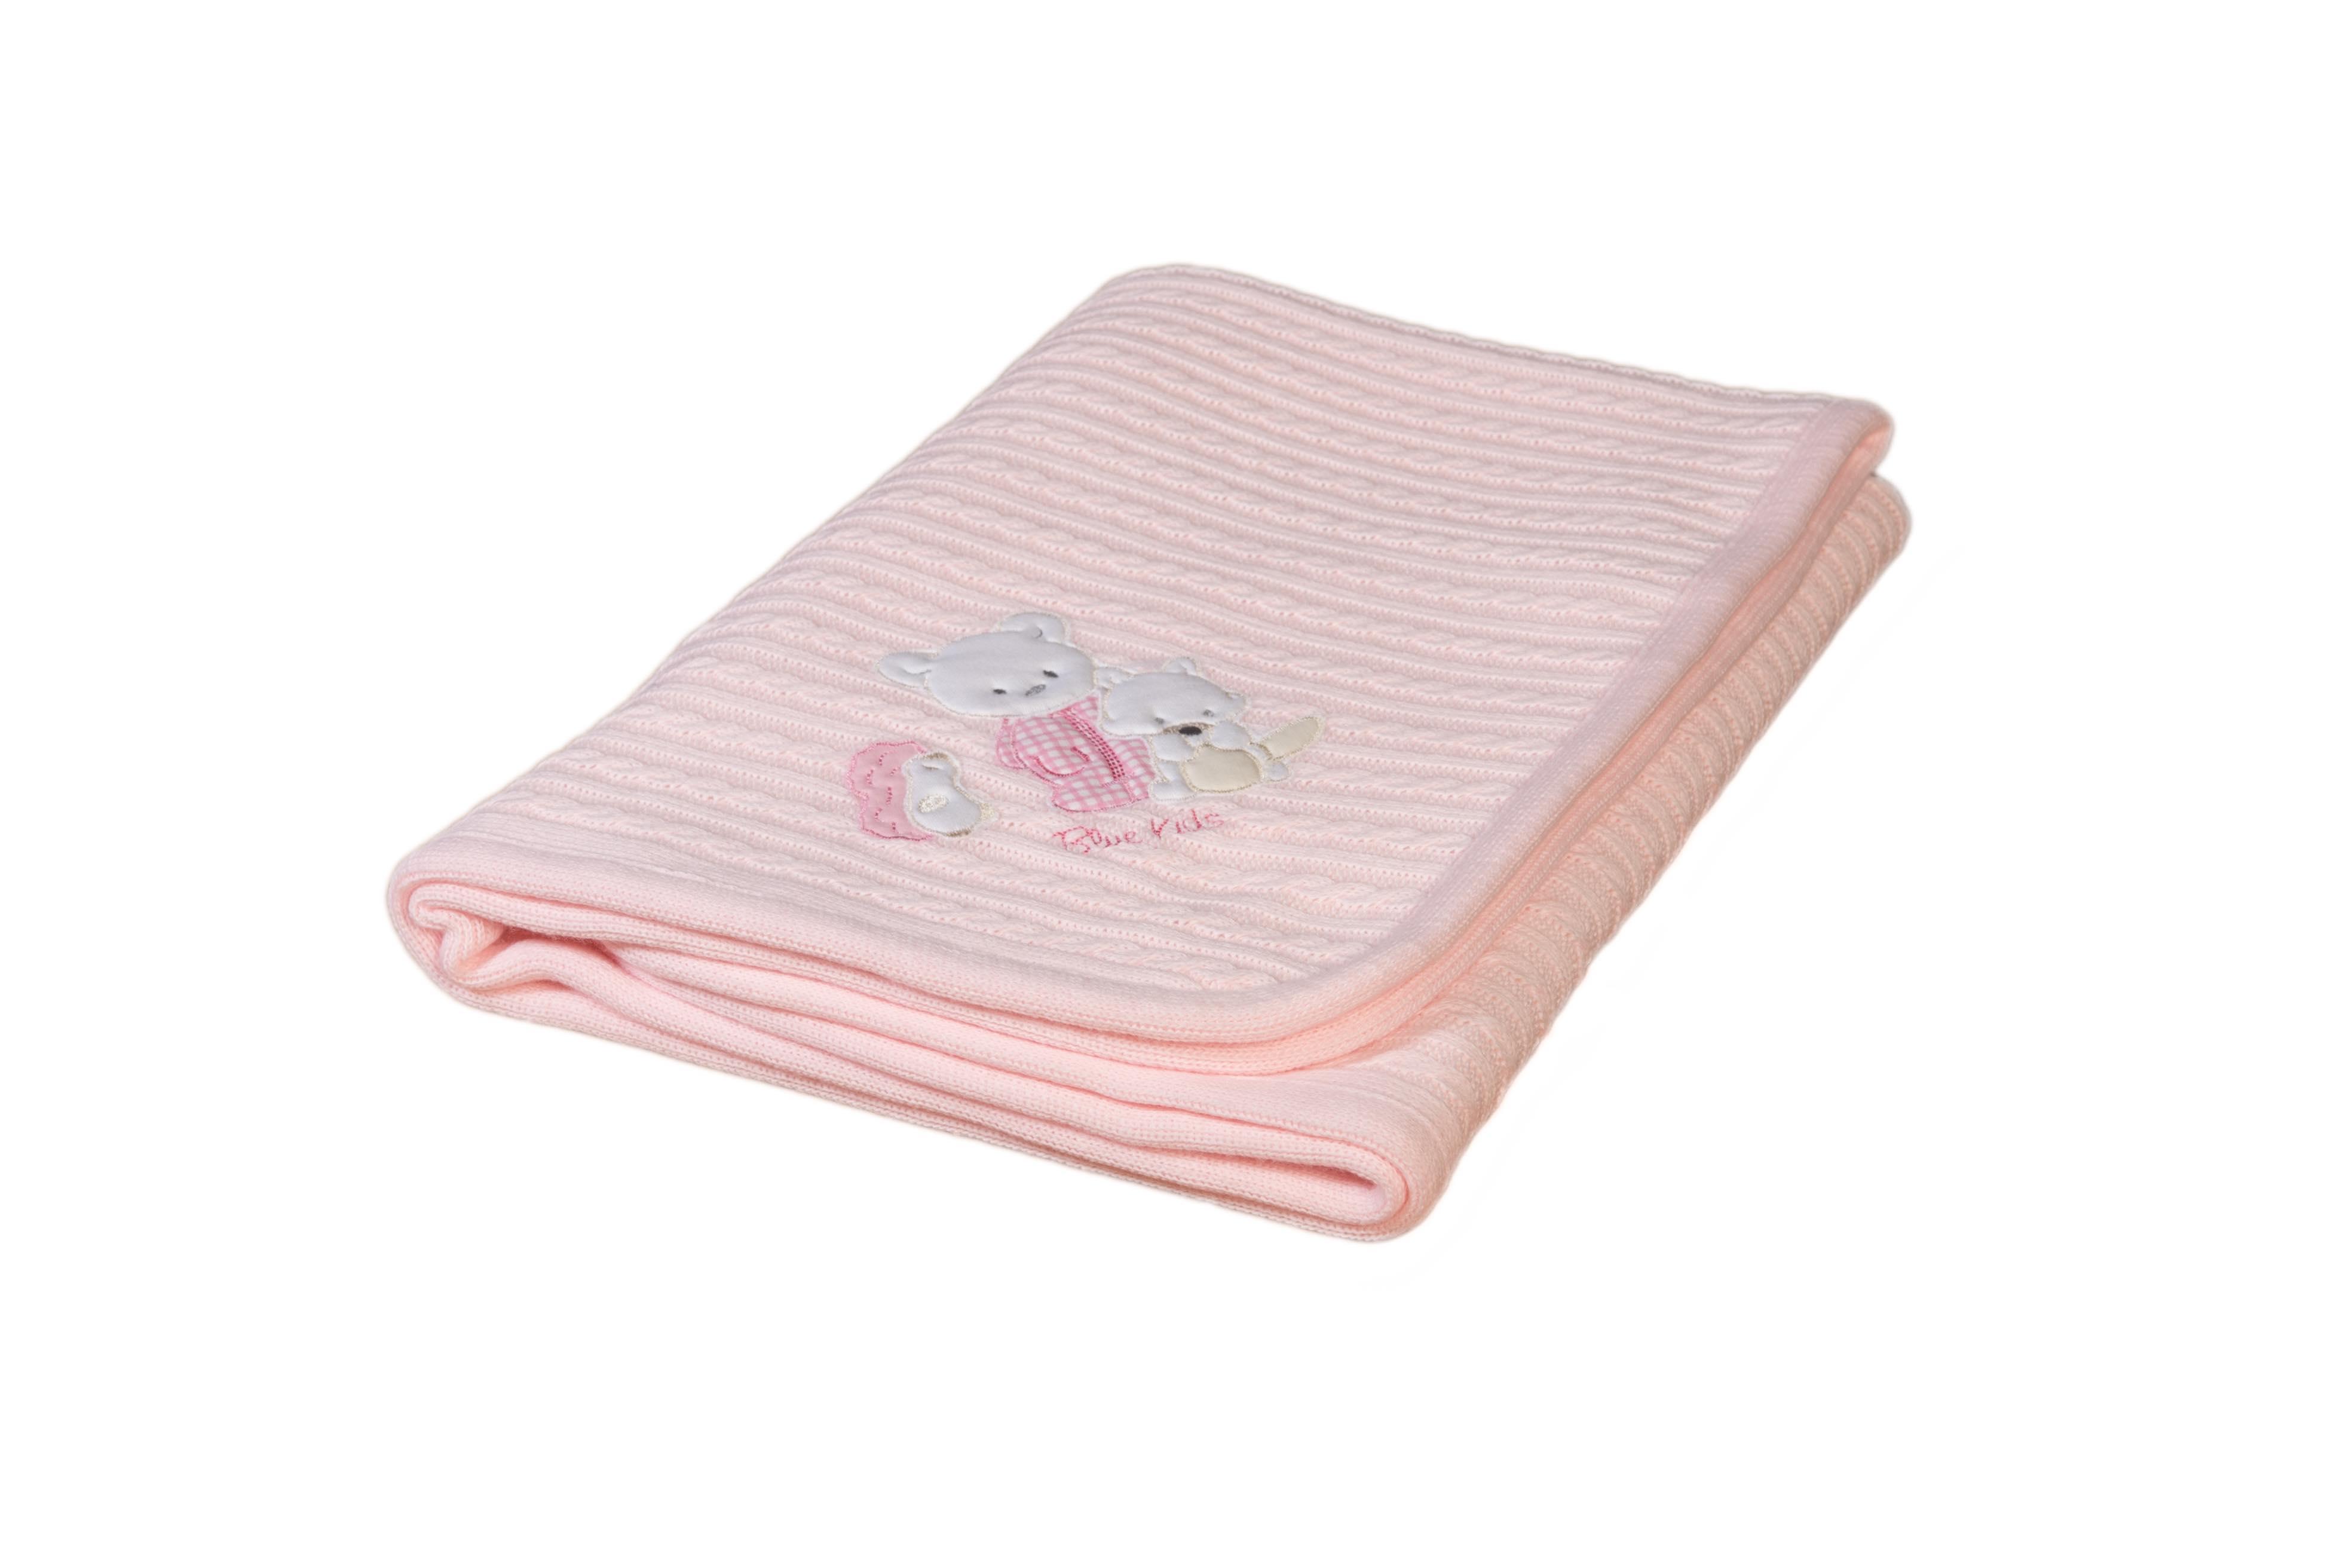 Κουβερτάκι bebe - Μάλλινο ρόζ